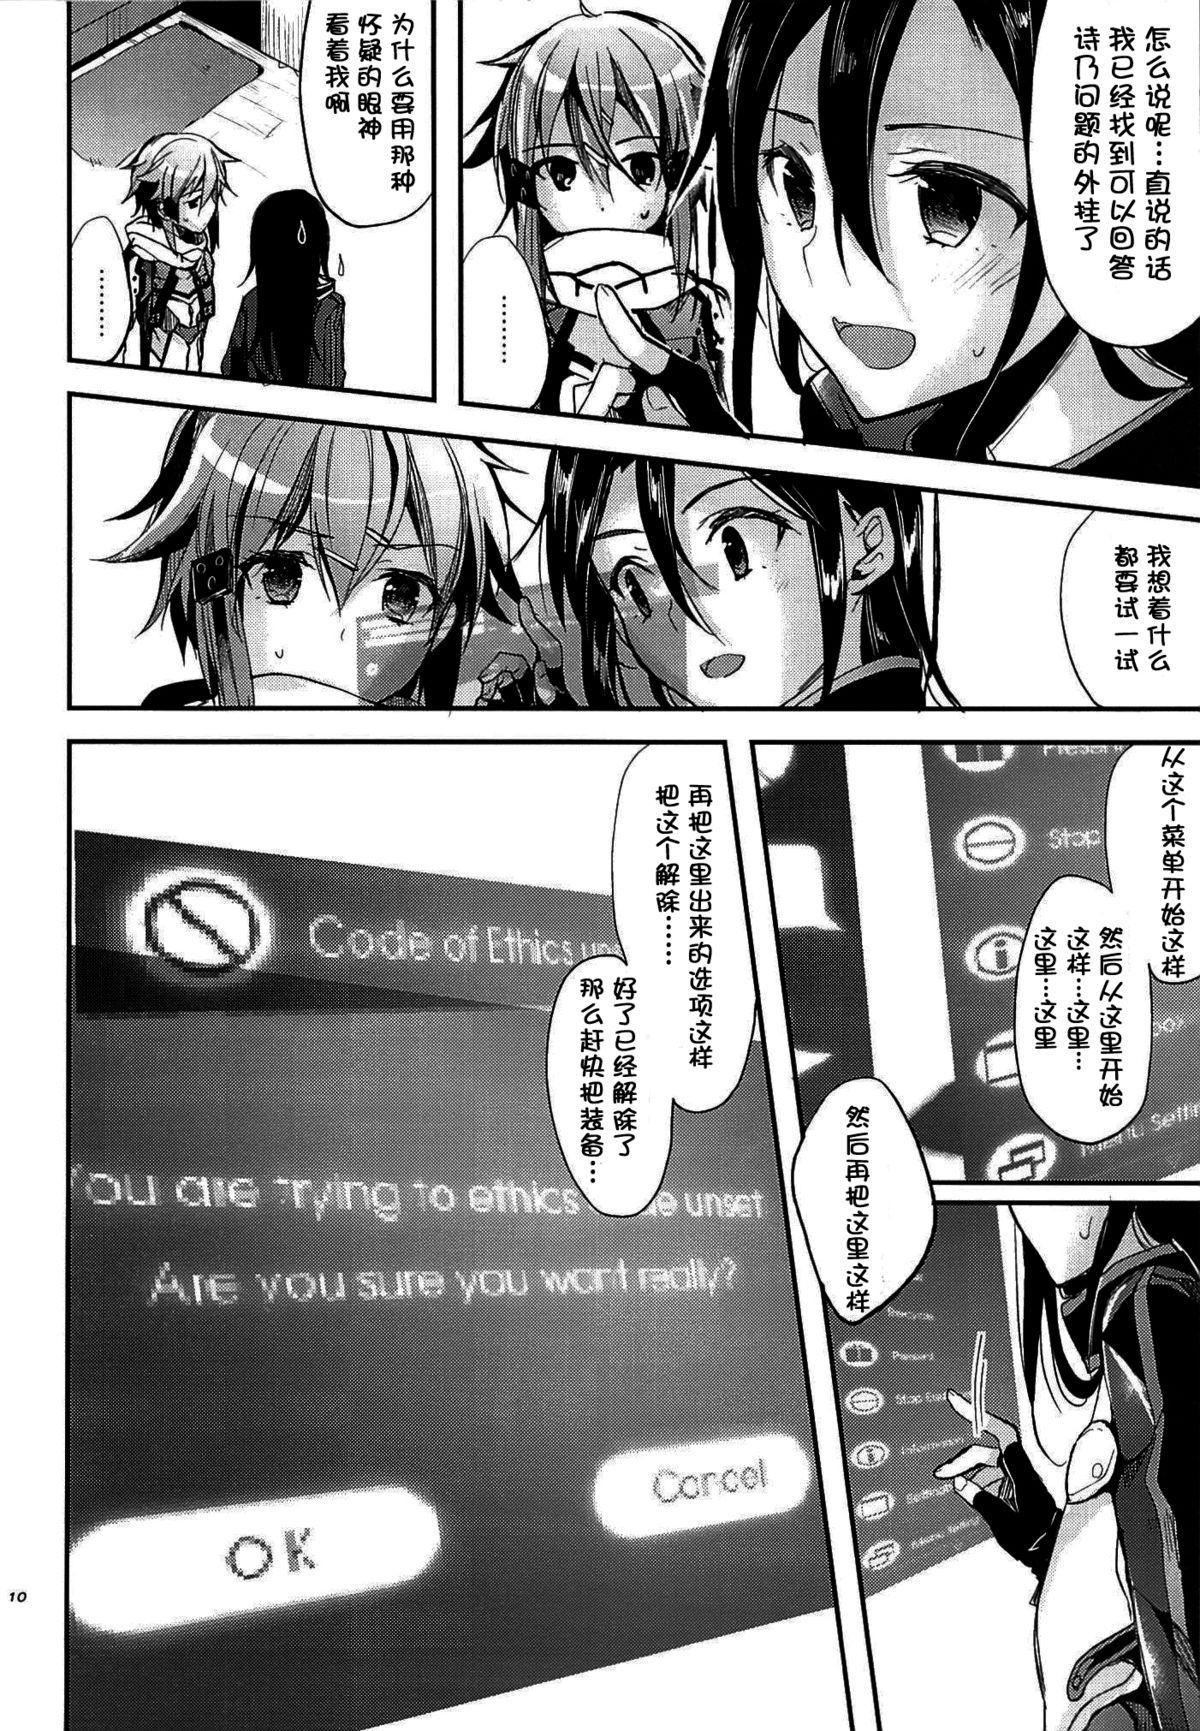 Yosokusen o Koete 8